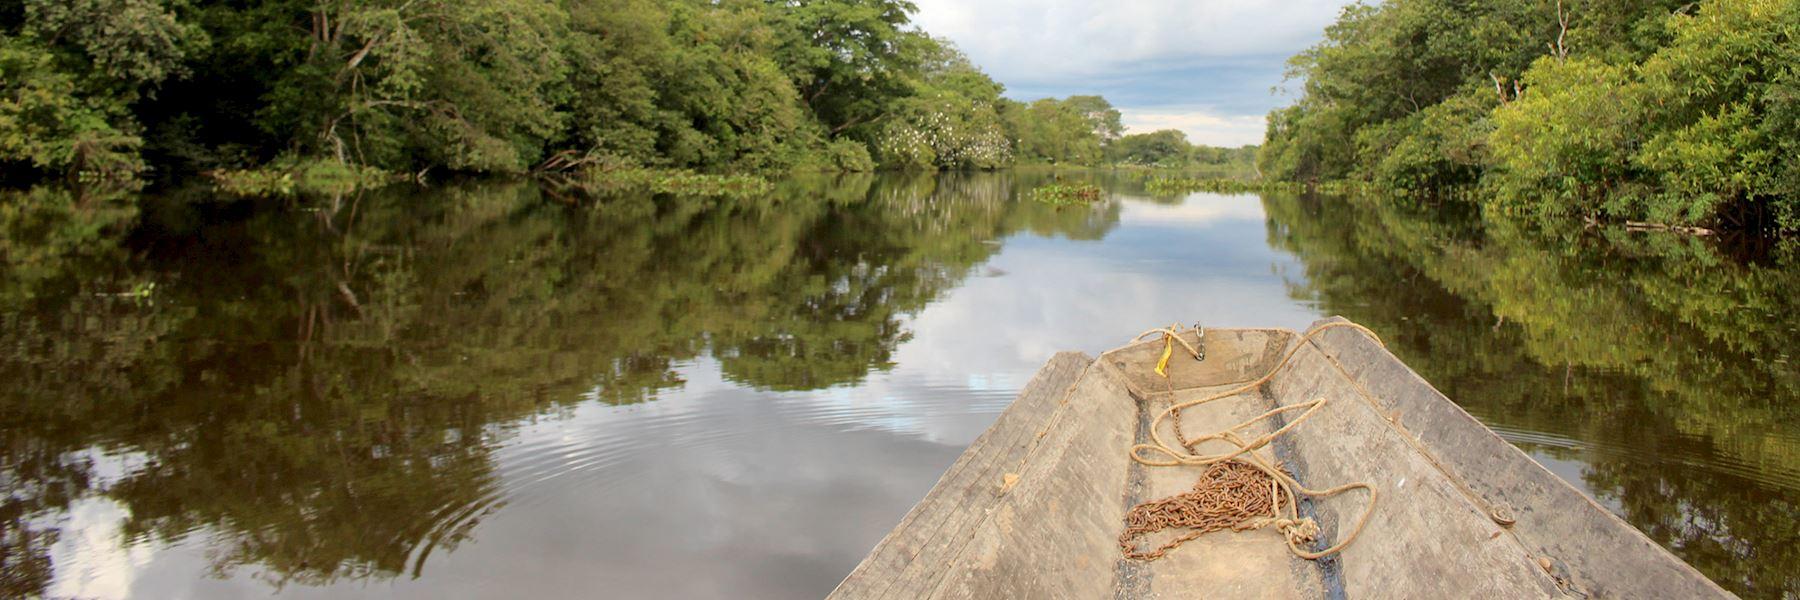 Visit Los Llanos, Colombia